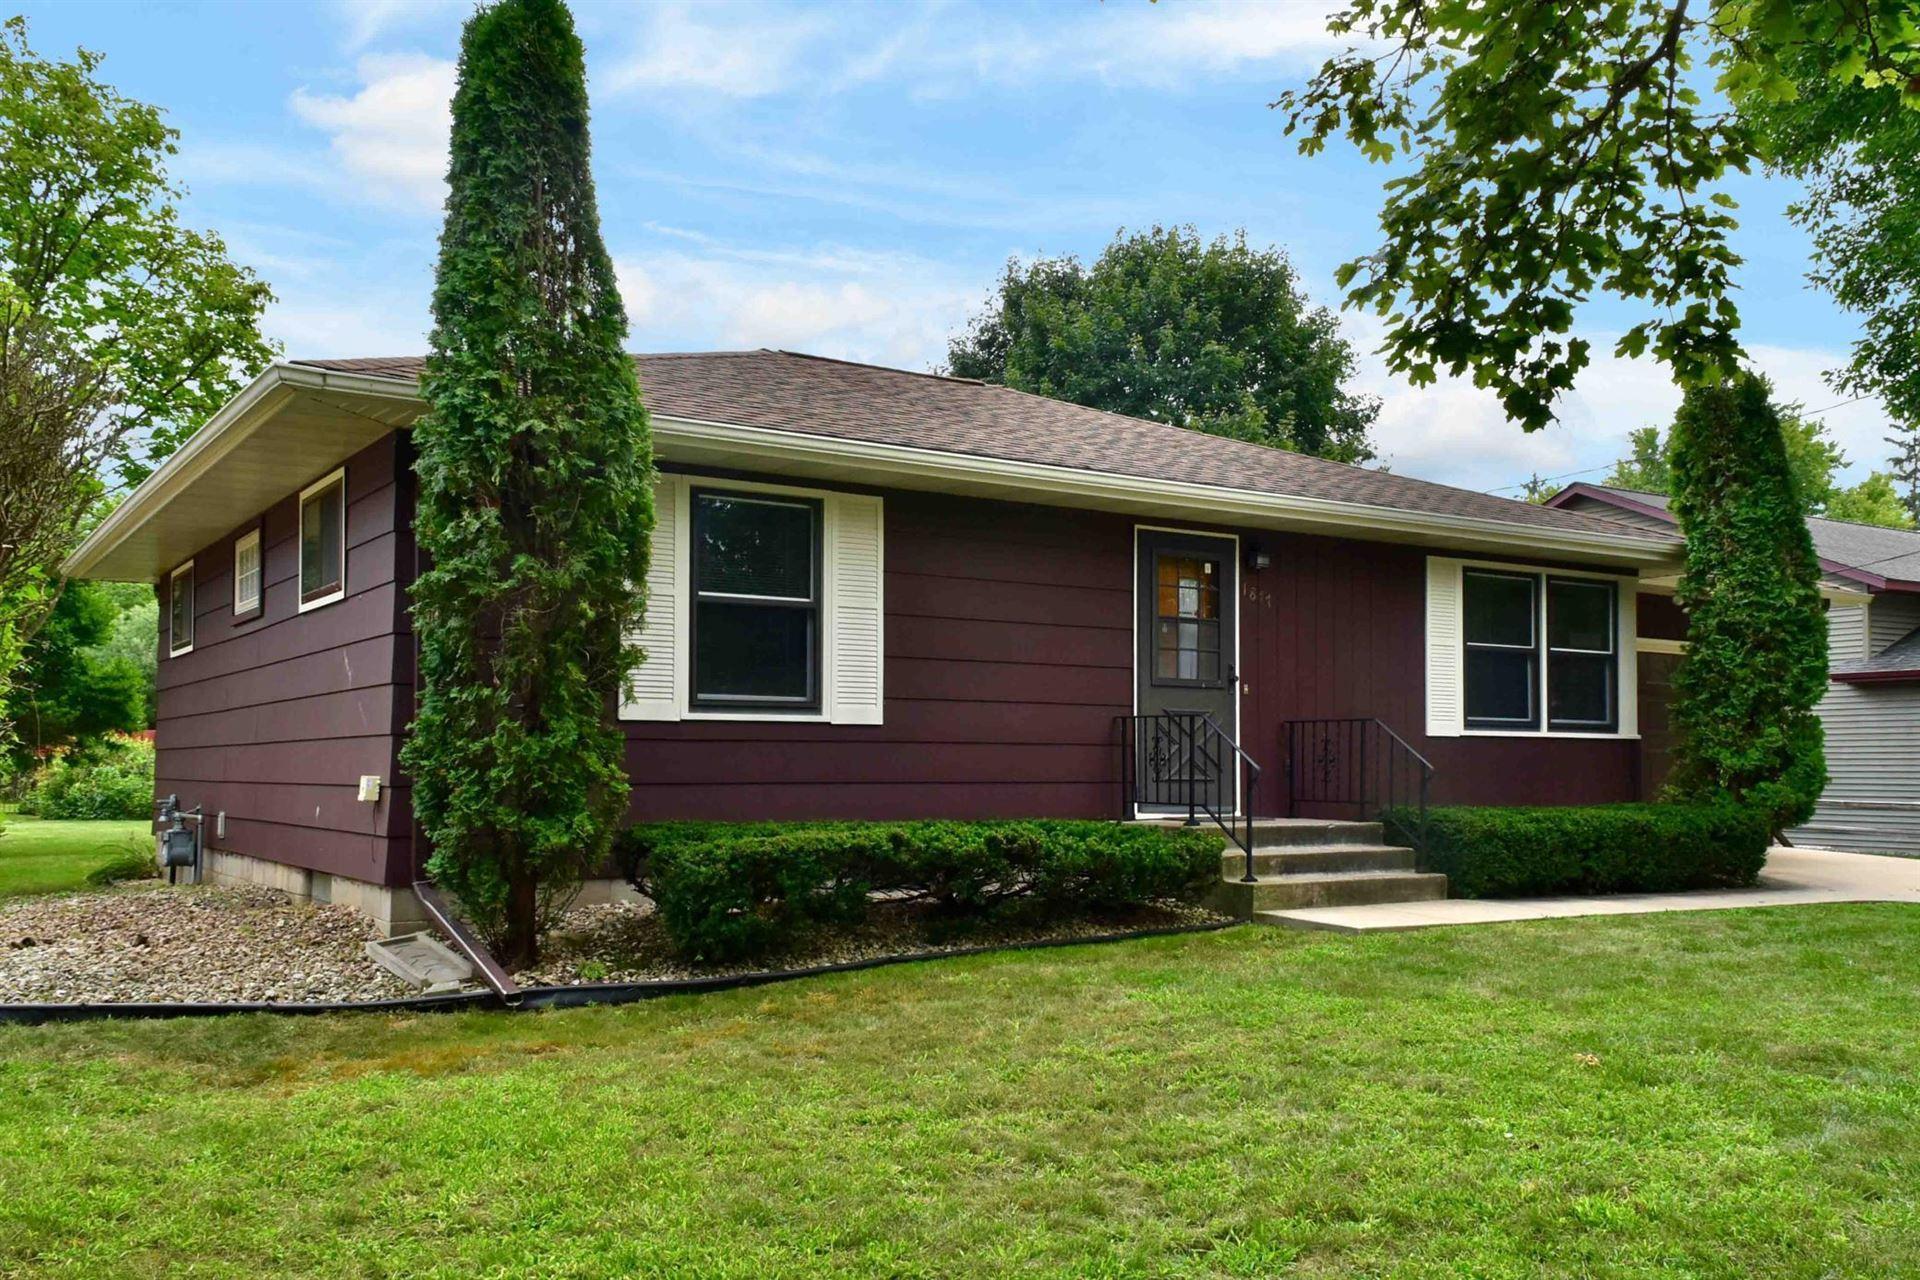 1877 W 11th Street, Winona, MN 55987 - MLS#: 6046800